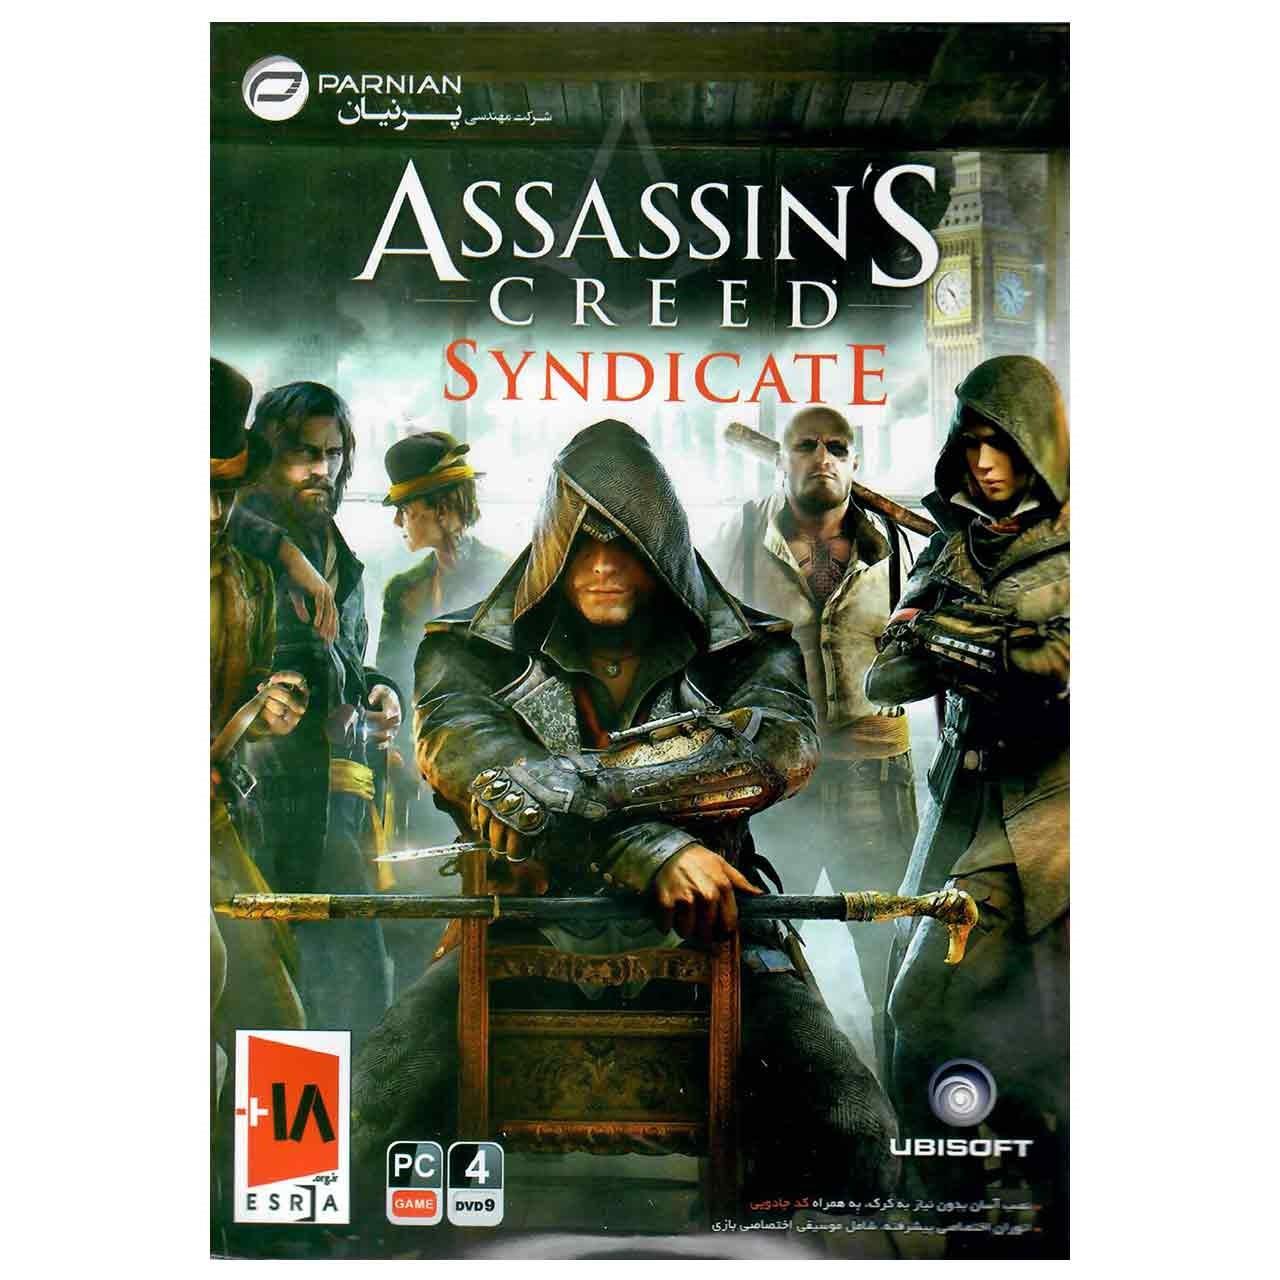 بازی کامپیوتری Assassins Creed Syndicate مخصوص PC